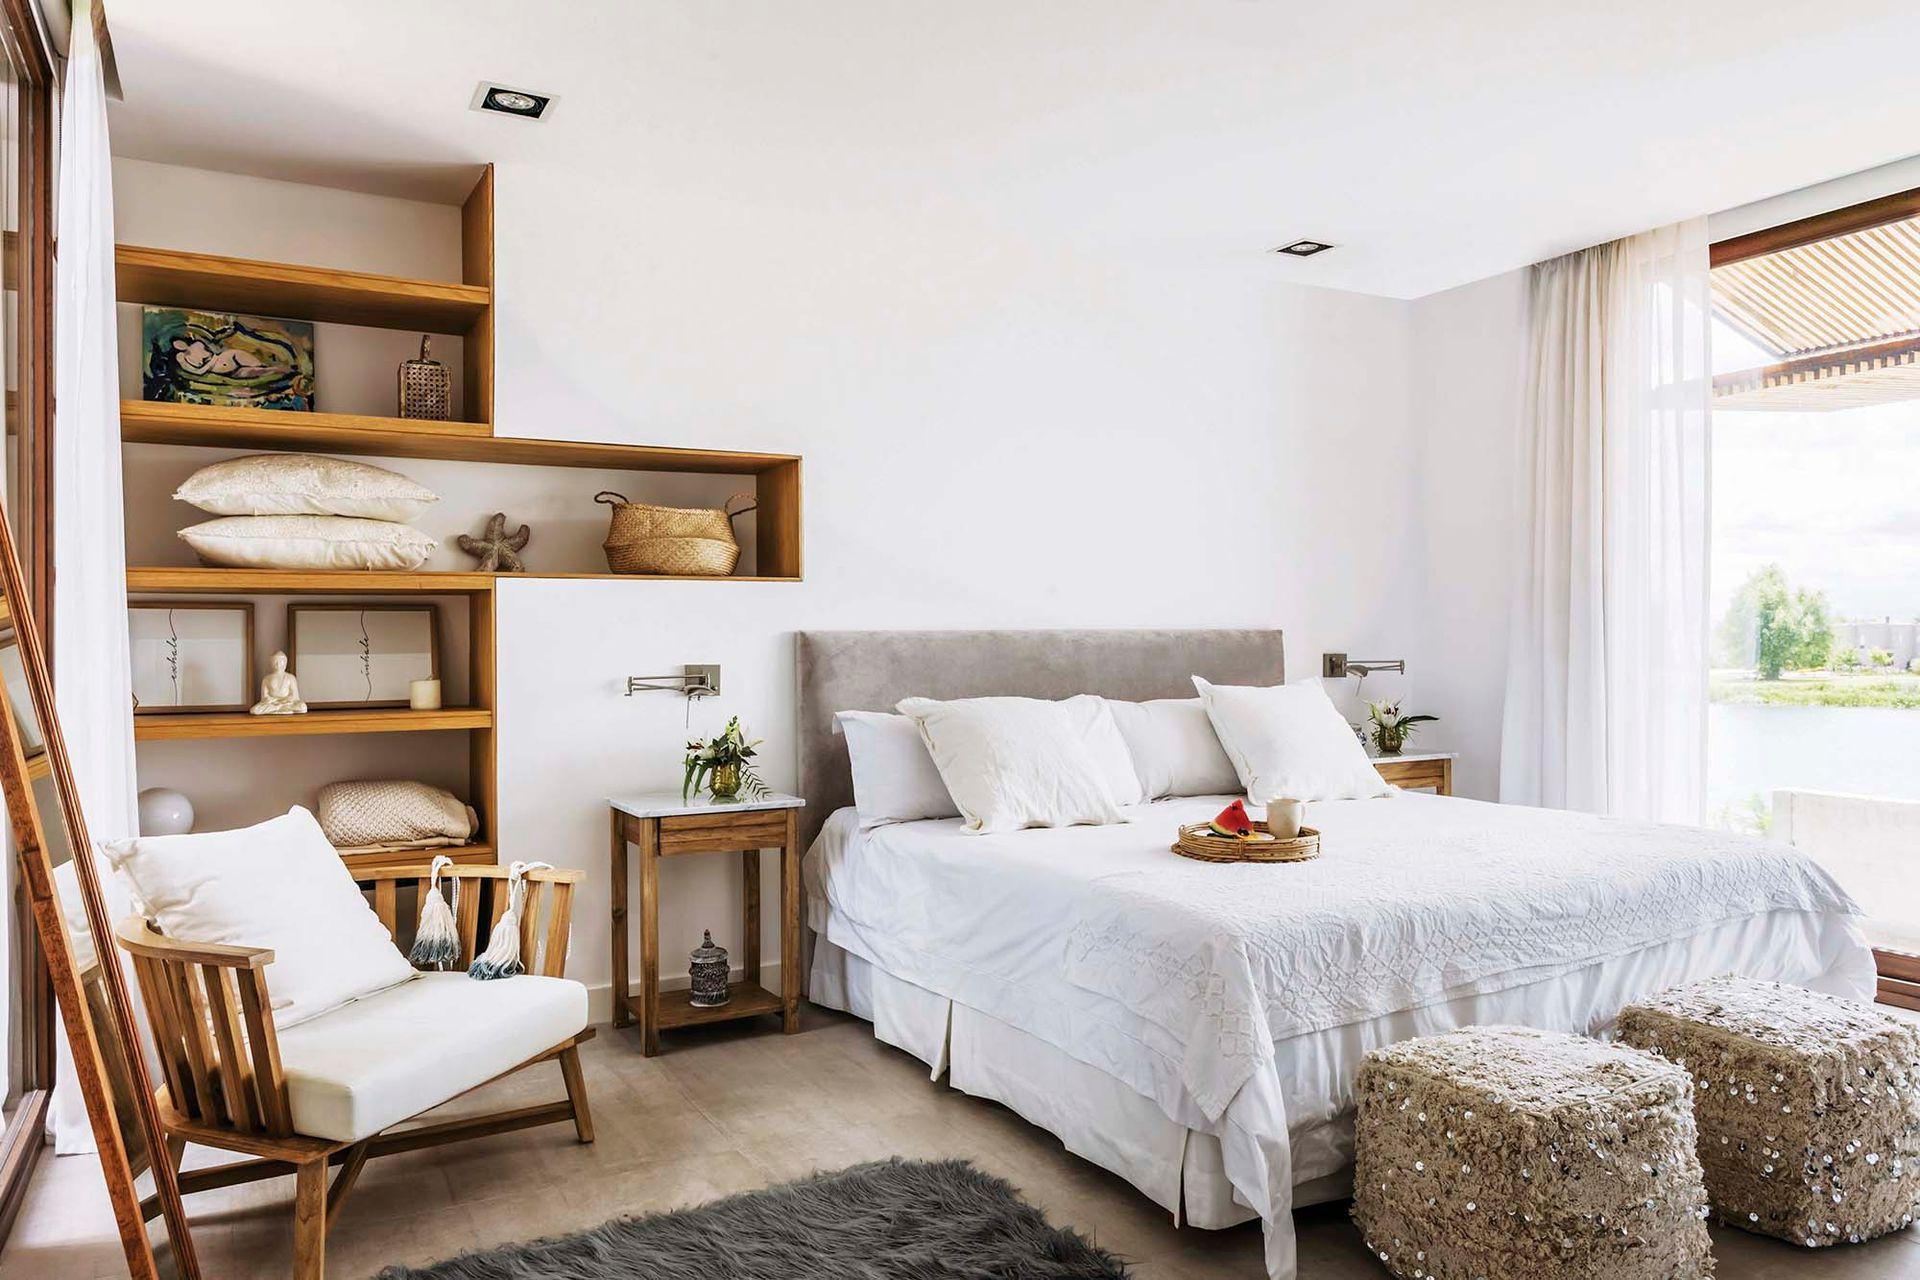 En el cuarto principal, cama con respaldo de pana (Mardeco Nordelta), mesas de luz y sillón 'Gervasoni' (Open House Deco), pufs hindúes (Sol Palou) y bandeja de ratán (Claudia Adorno).